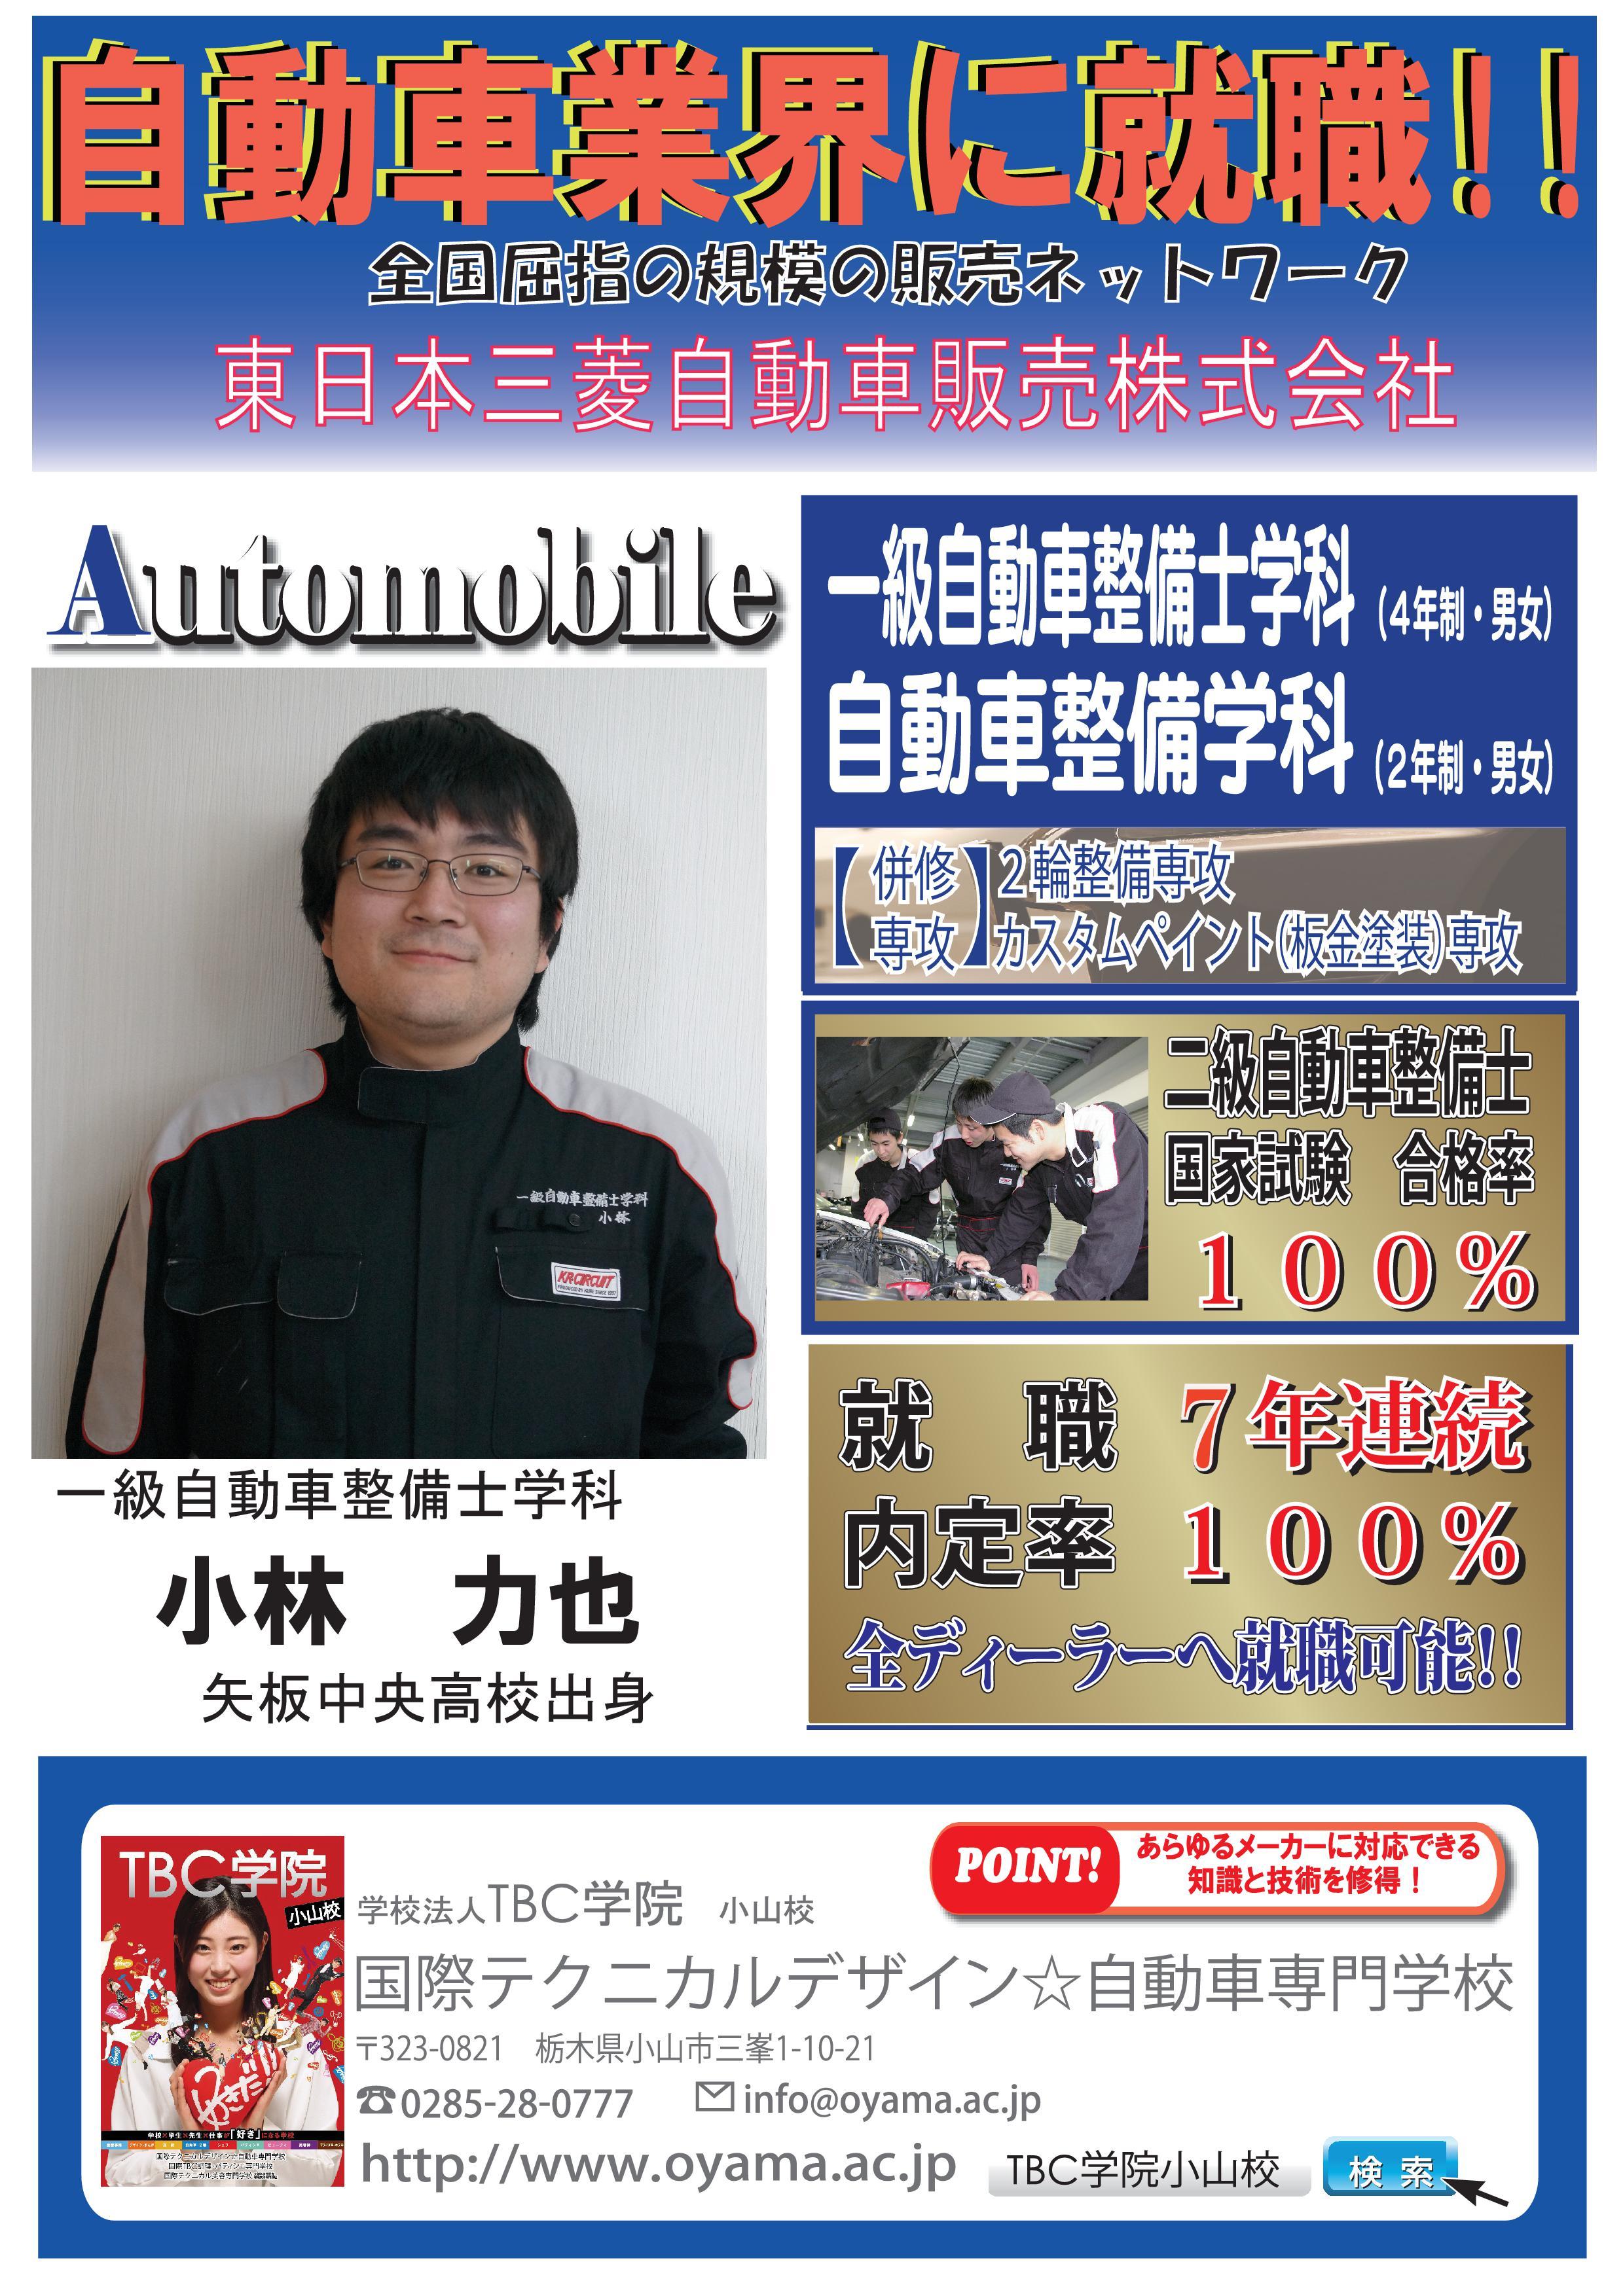 鳥取県の山陰中央自動車学校|合宿免許 激安教習 …